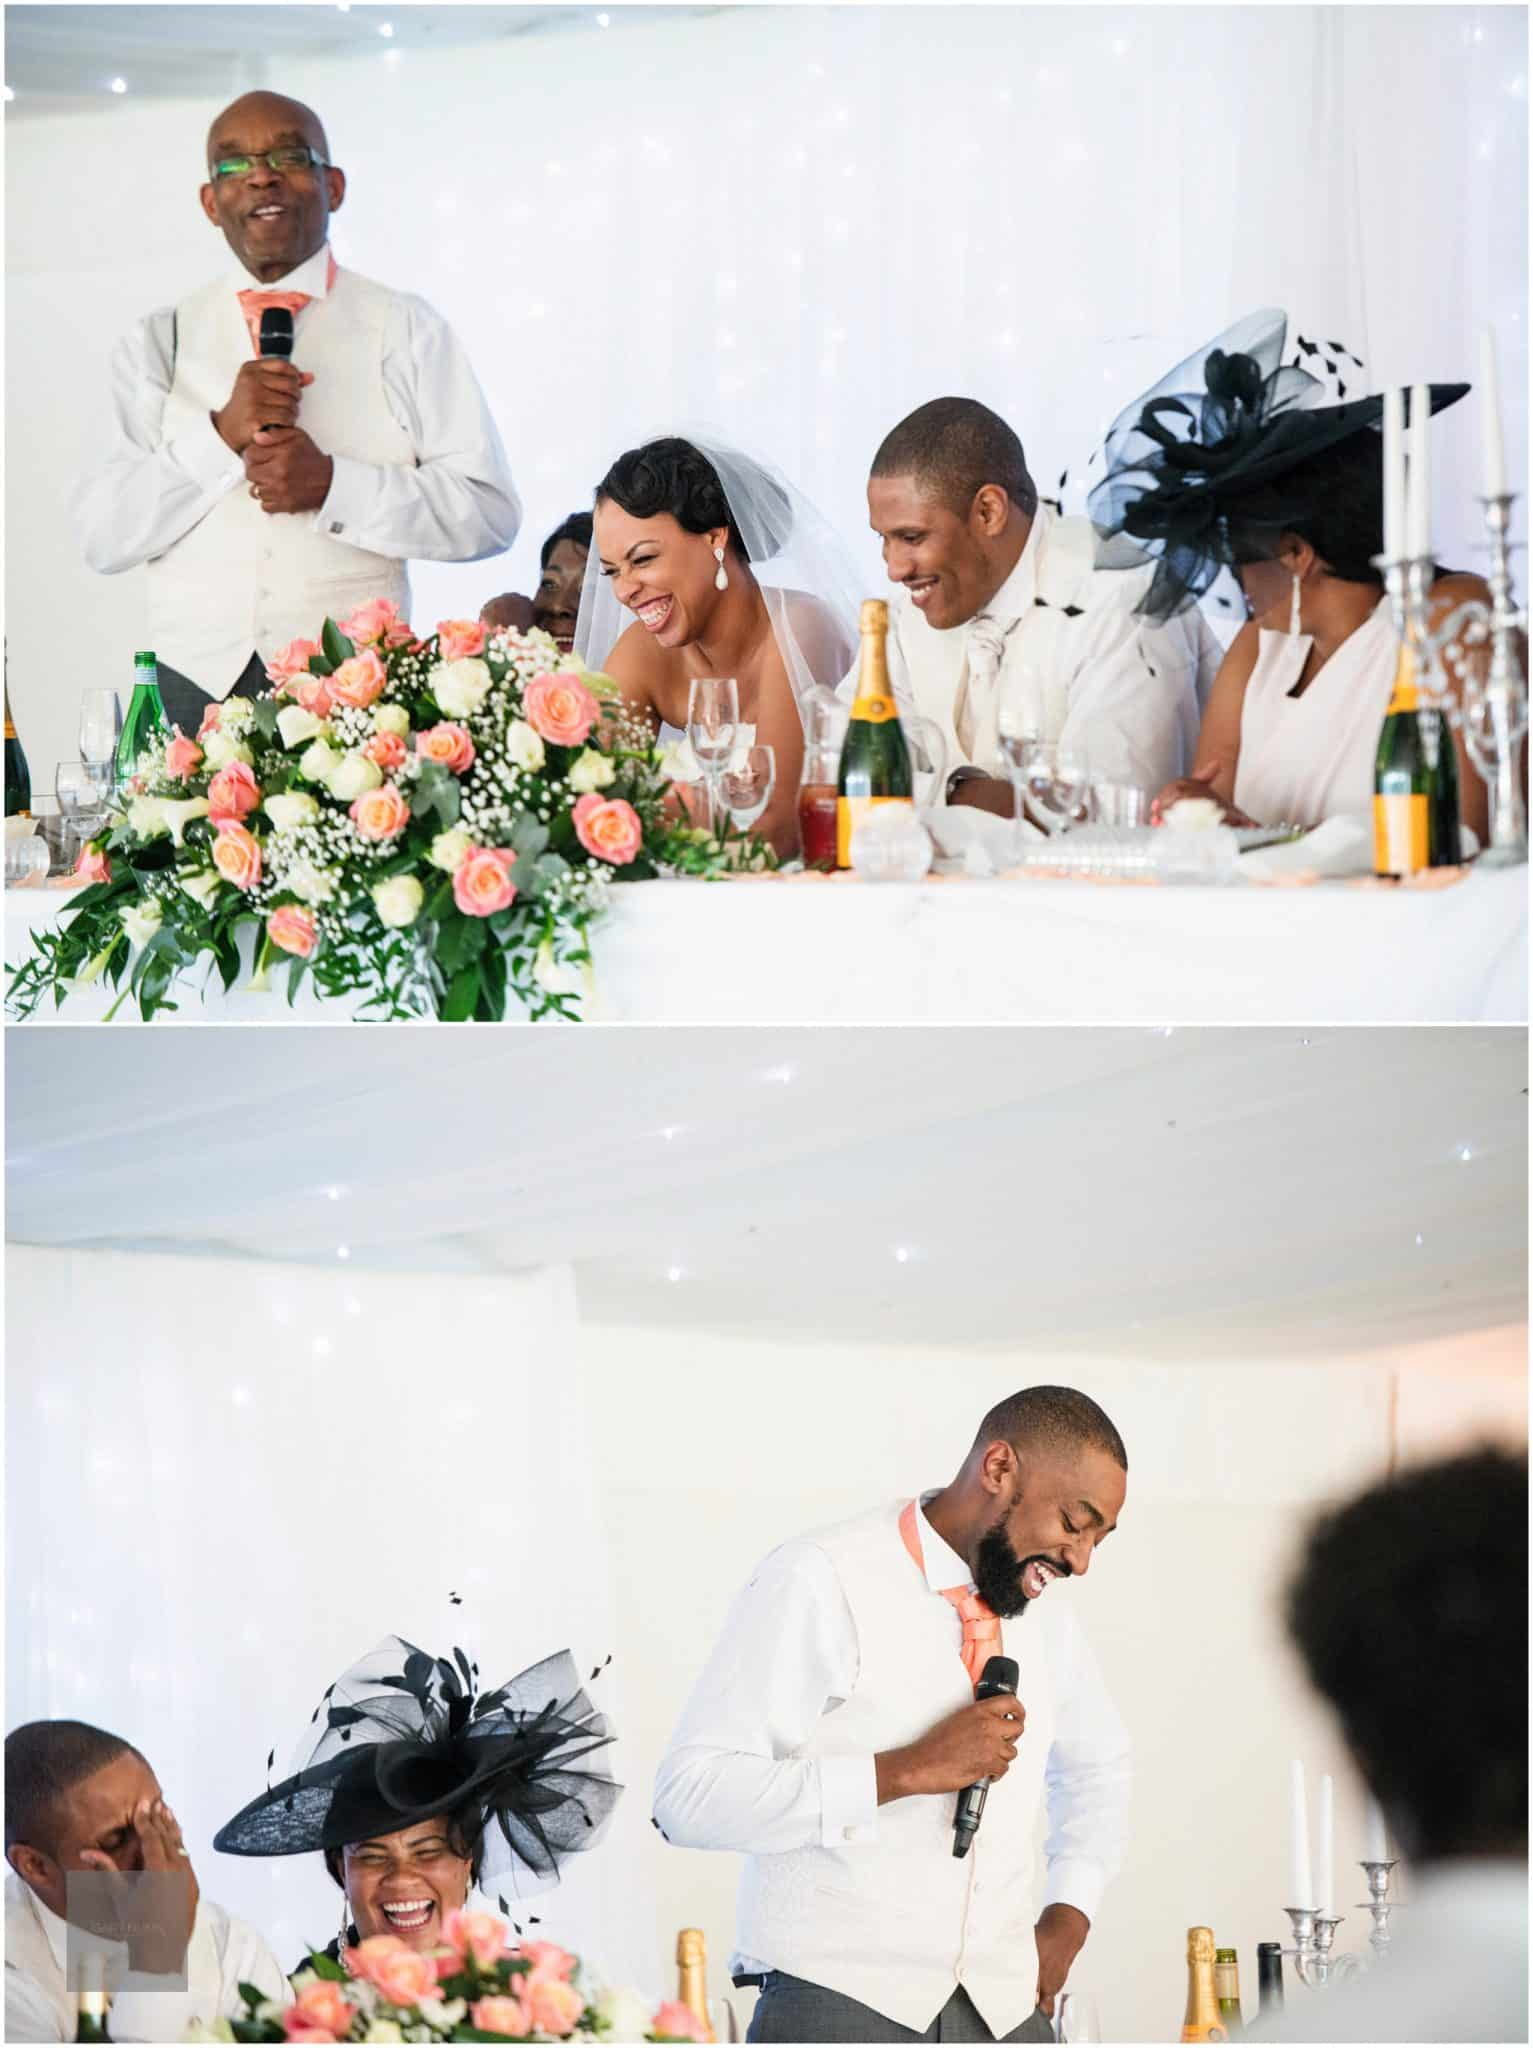 wedding speeches, best wedding speeches, wedding speech ideas